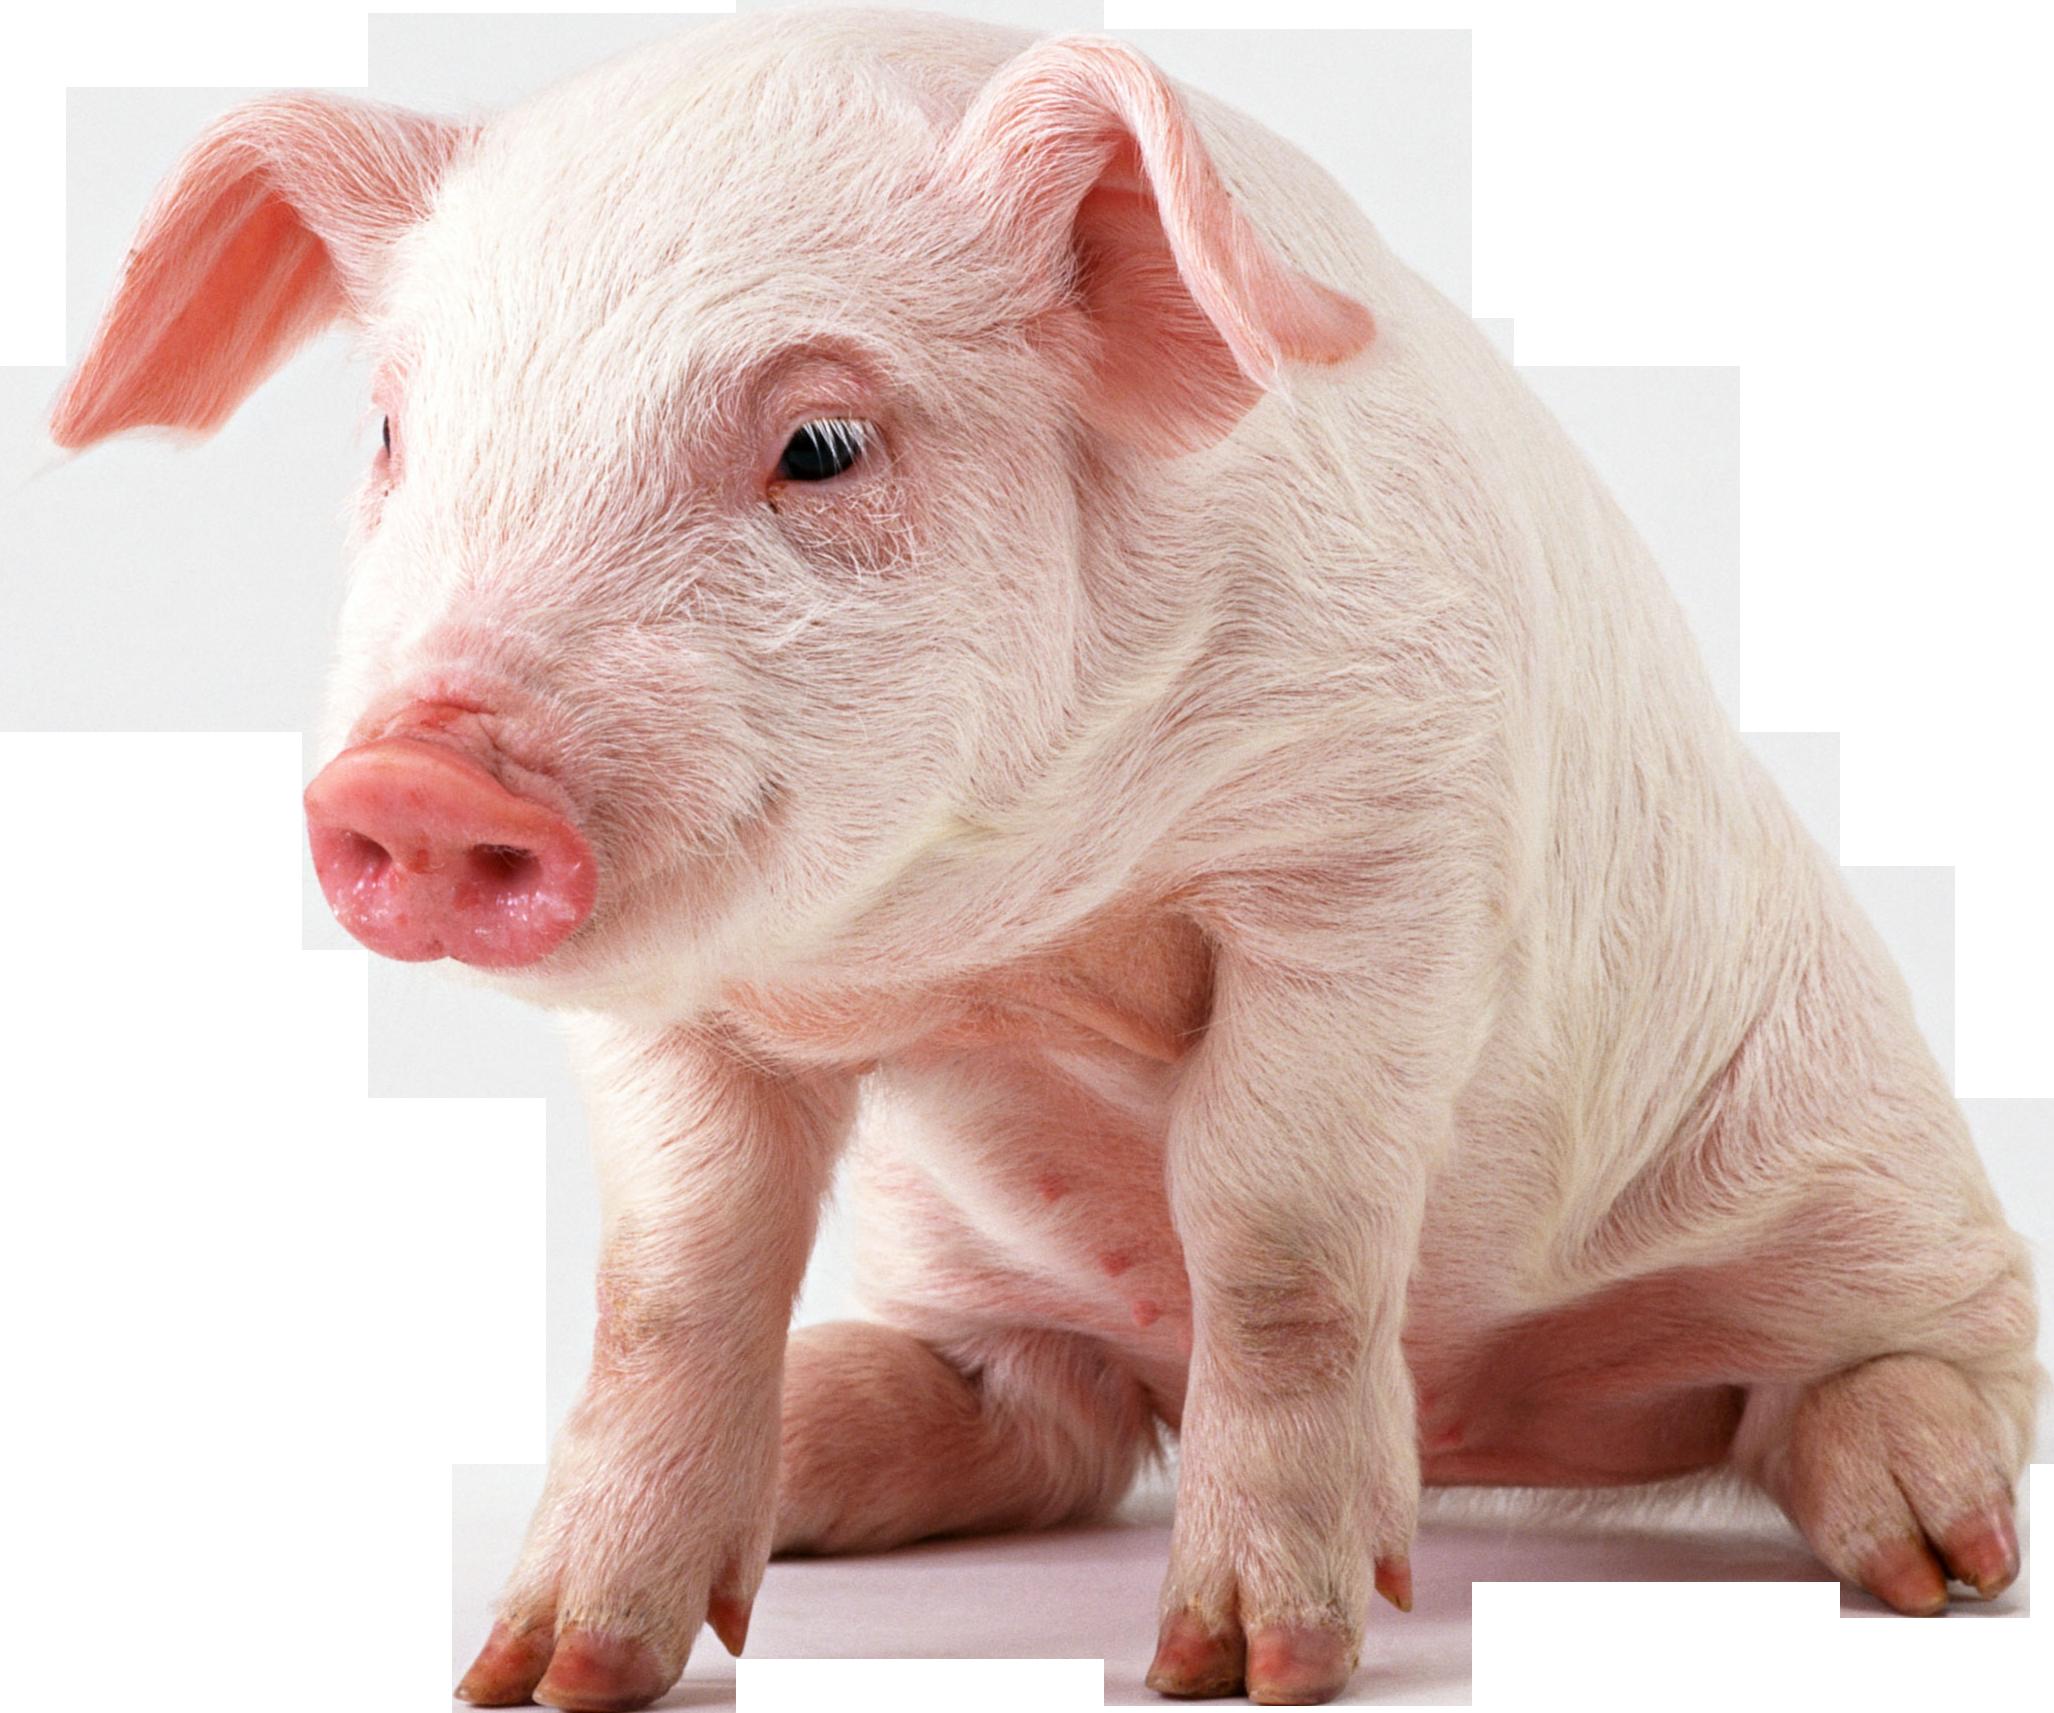 43 Pigs Wallpaper On Wallpapersafari